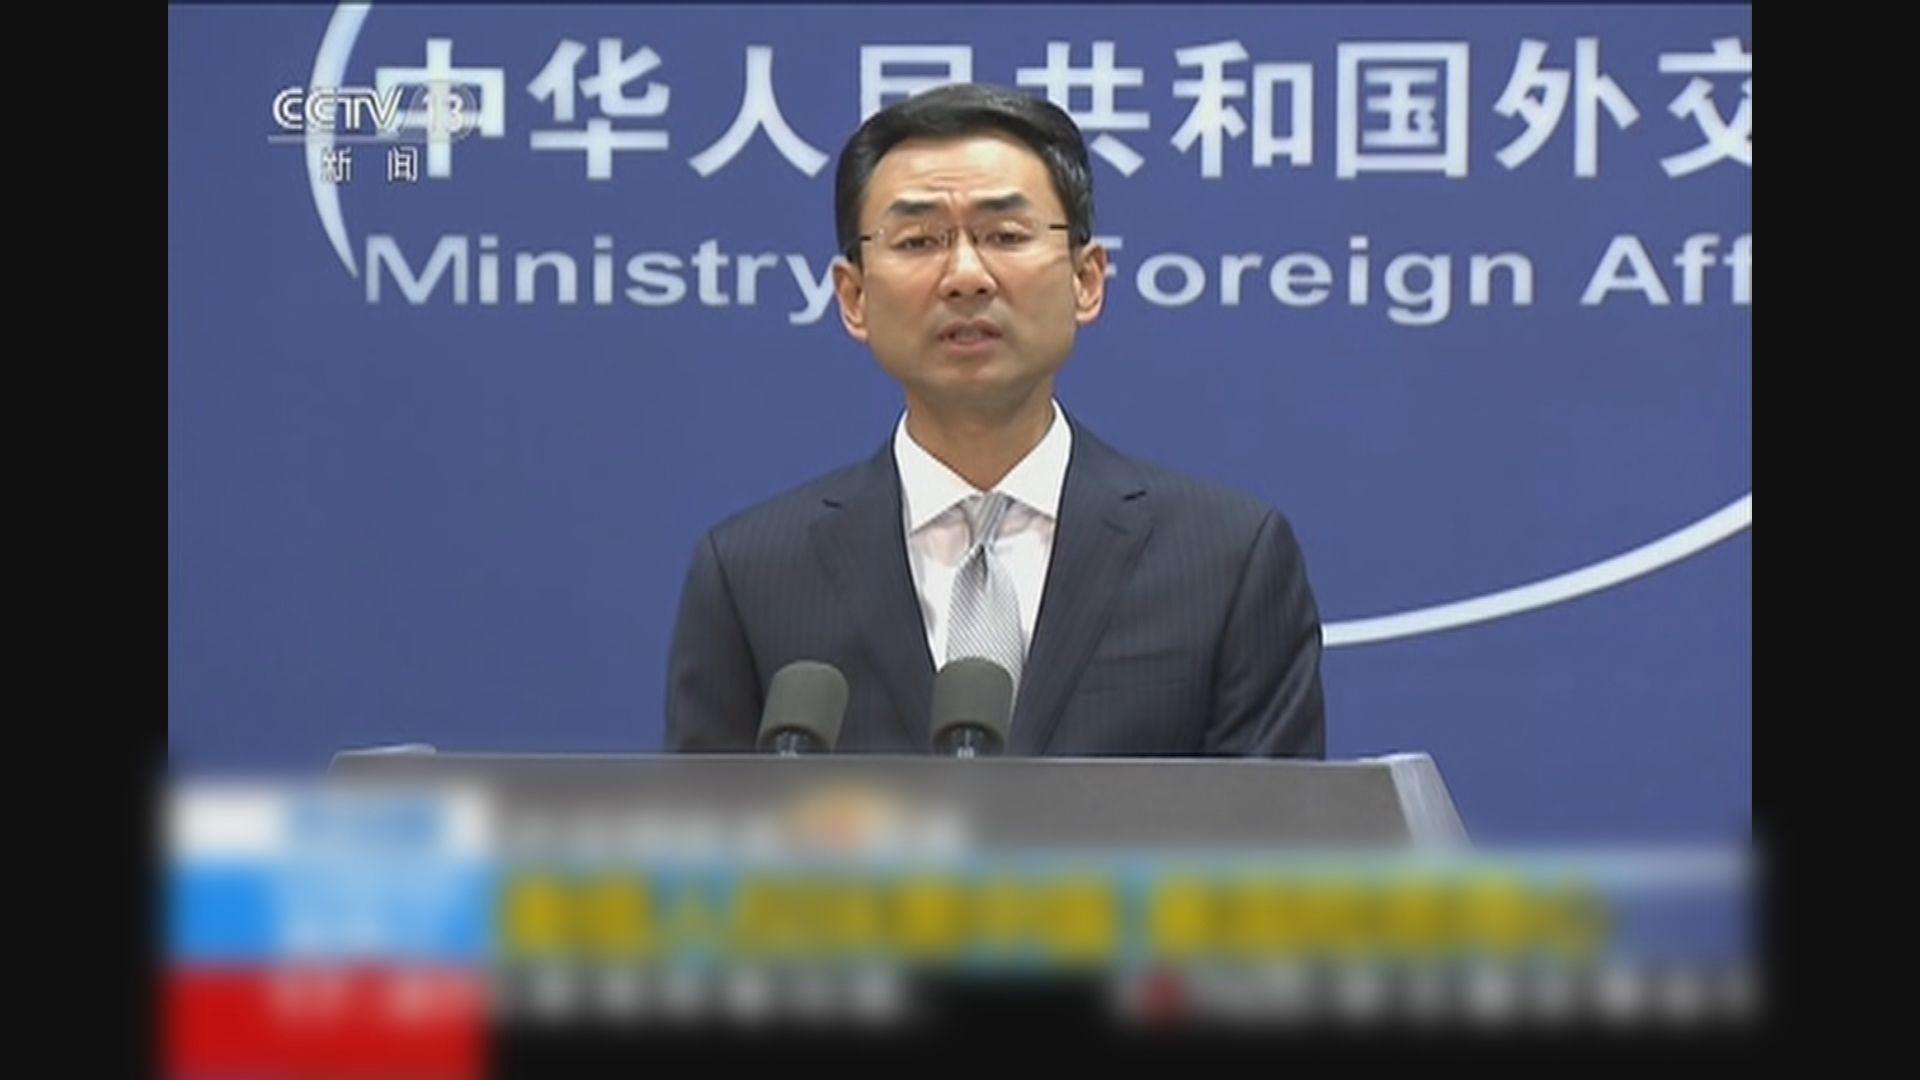 外交部批評美方藉人權抹黑中國